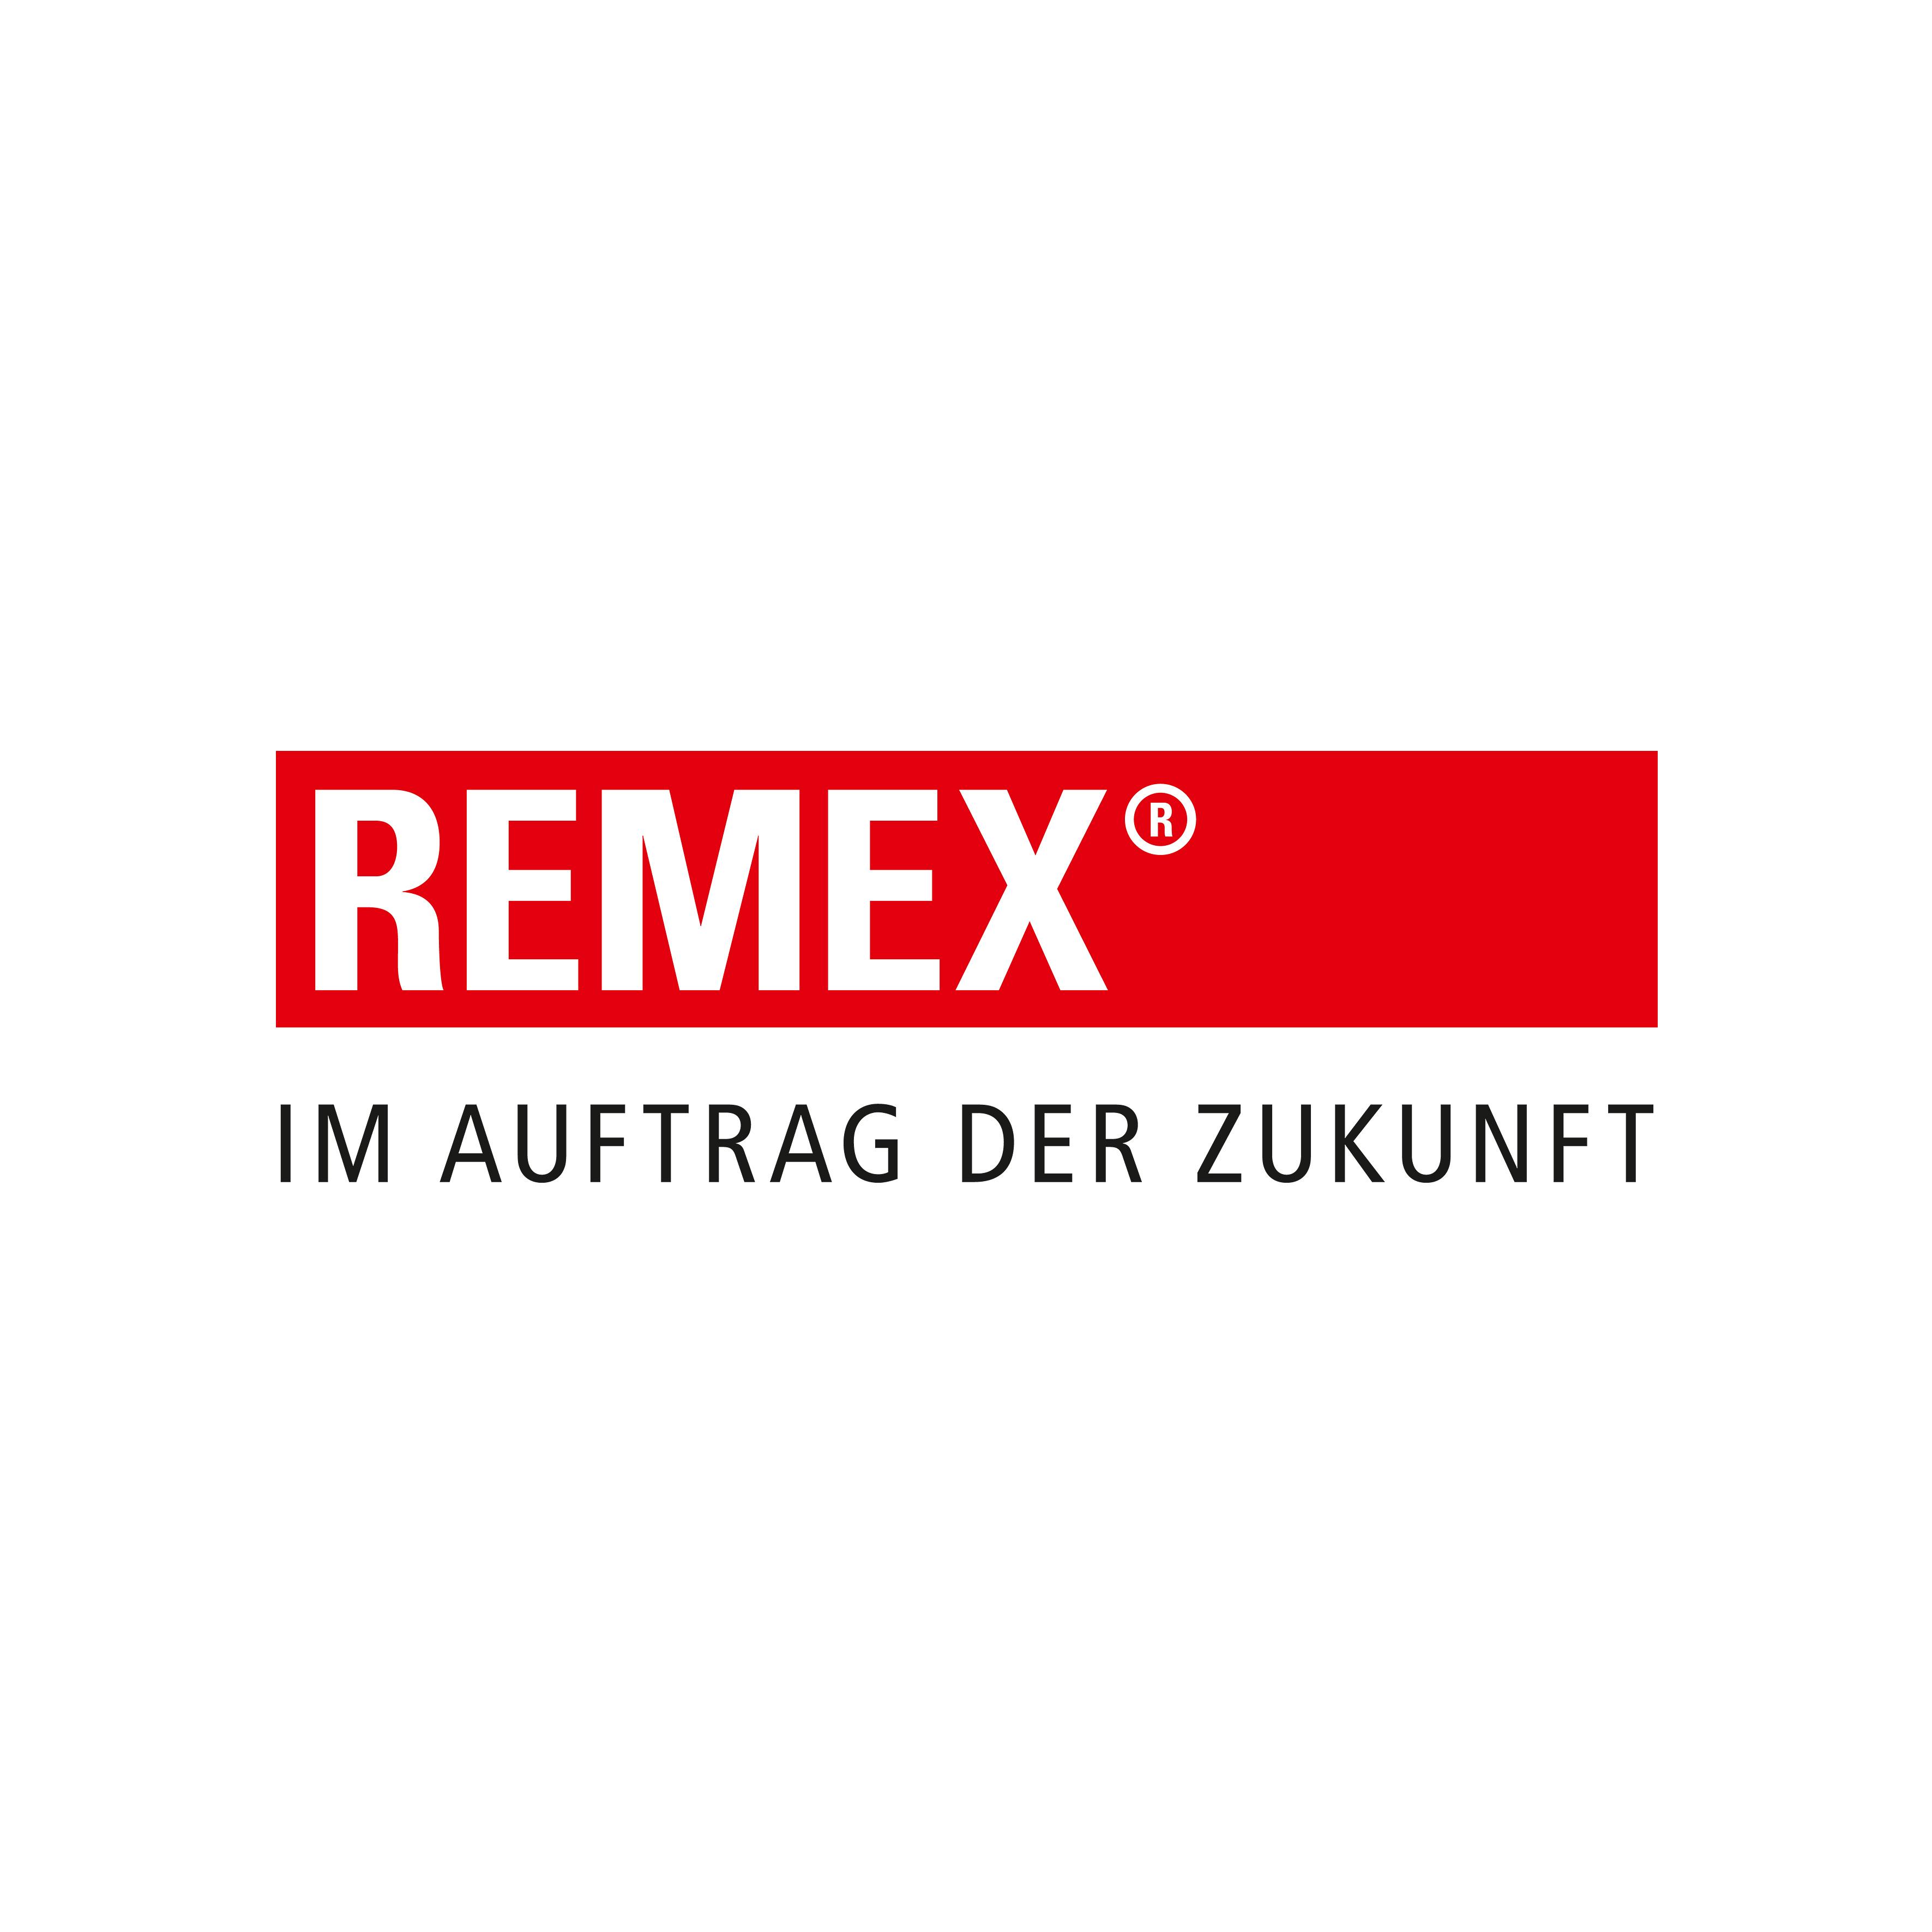 REMEX Mineralstoff GmbH